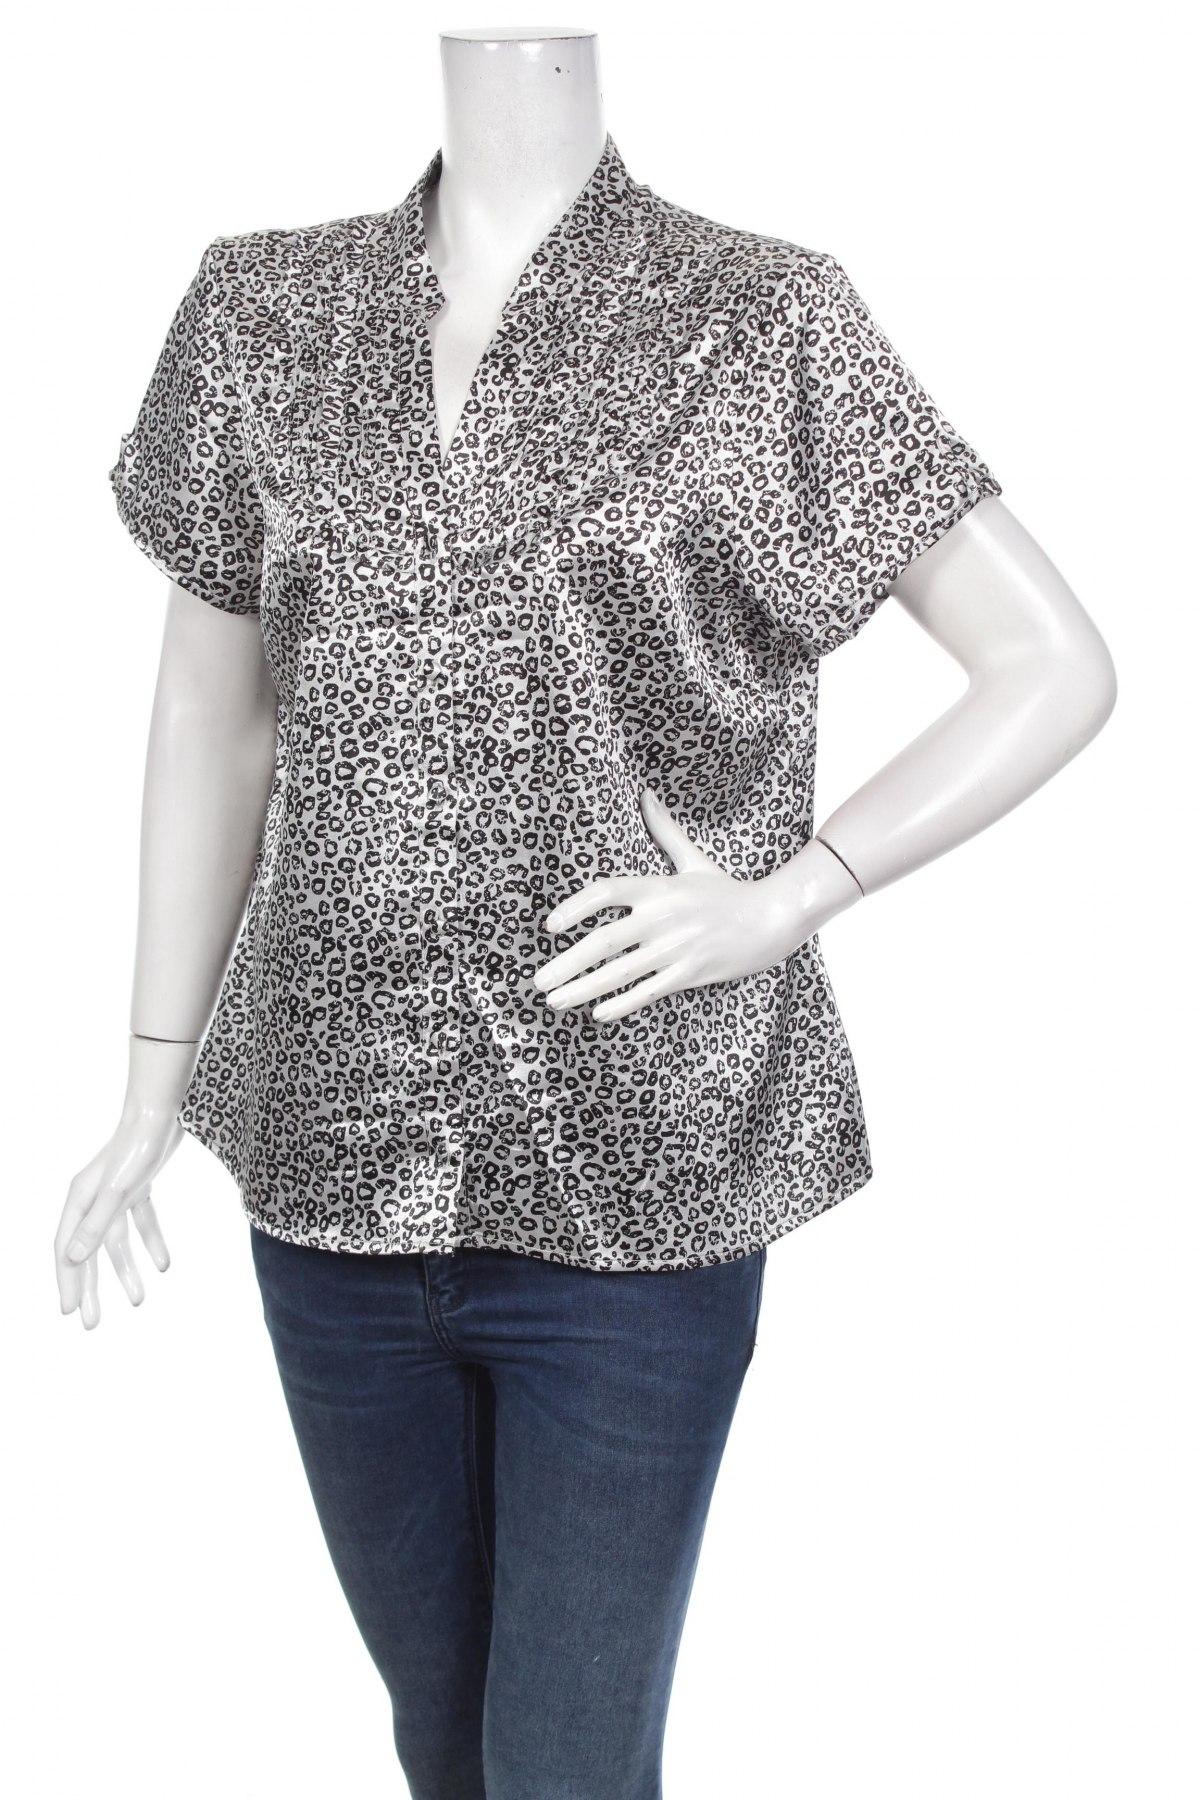 Γυναικείο πουκάμισο Suzanne Grae, Μέγεθος XL, Χρώμα Γκρί, Πολυεστέρας, ελαστάνη, Τιμή 15,46€